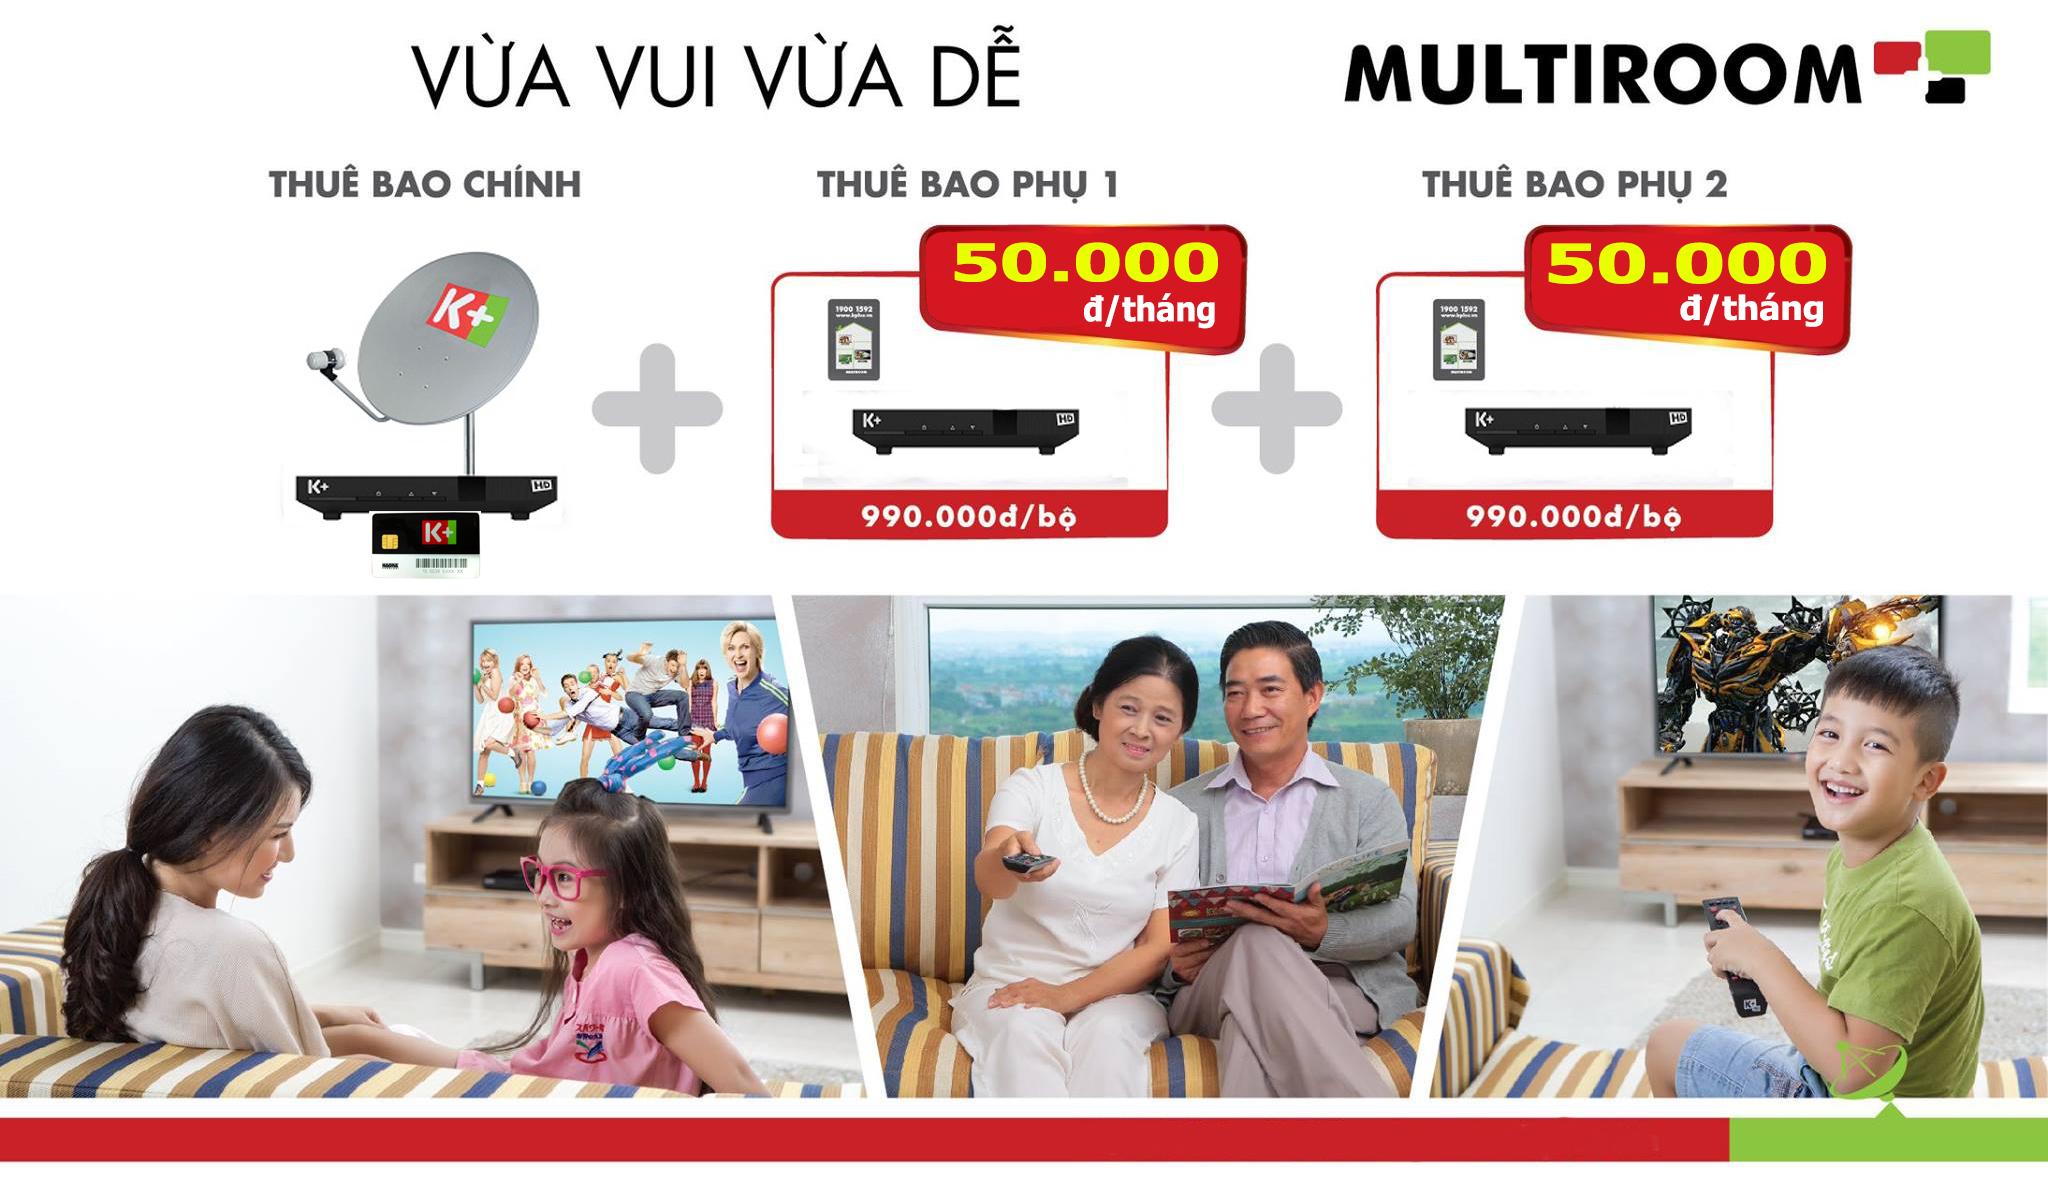 đầu thu K+, Multiroom, đầu phụ K+, truyền hình K+